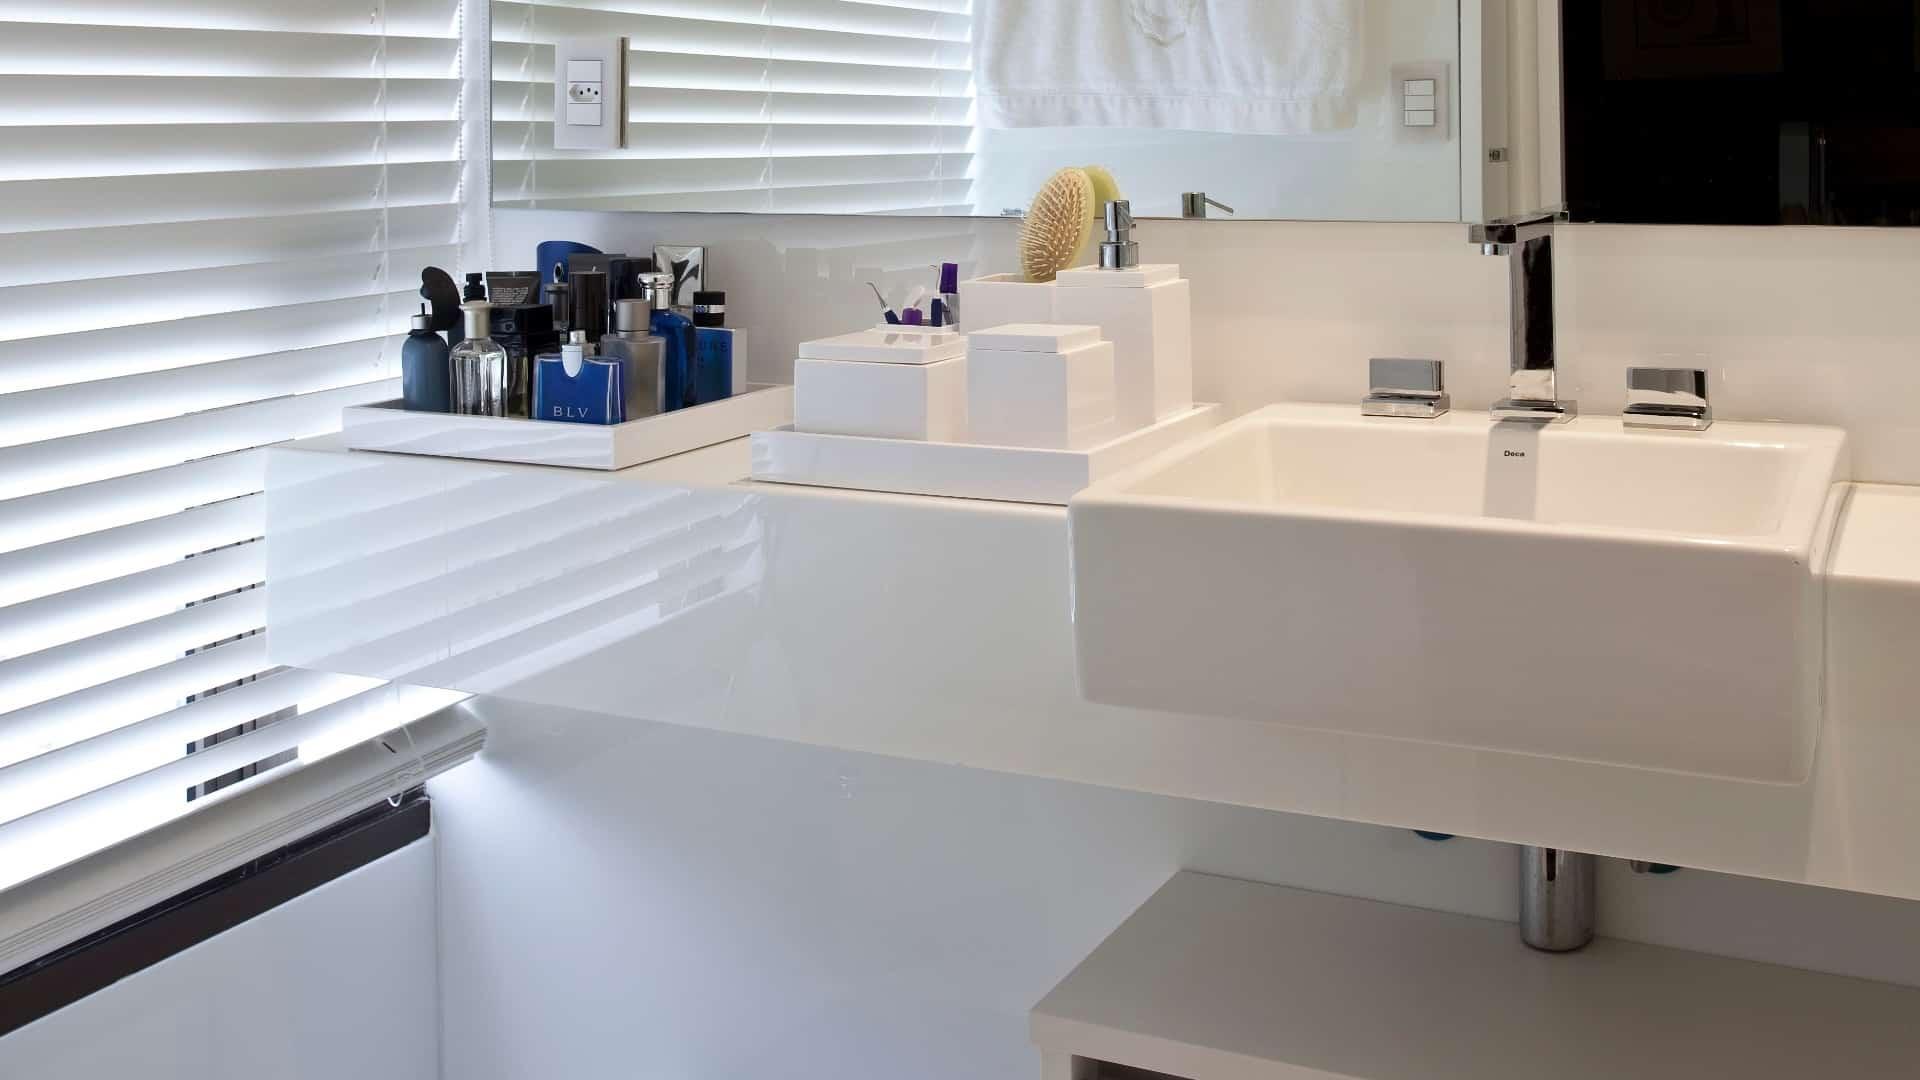 Marmoglass no banheiro facilita a limpeza e oferece mais iluminação.